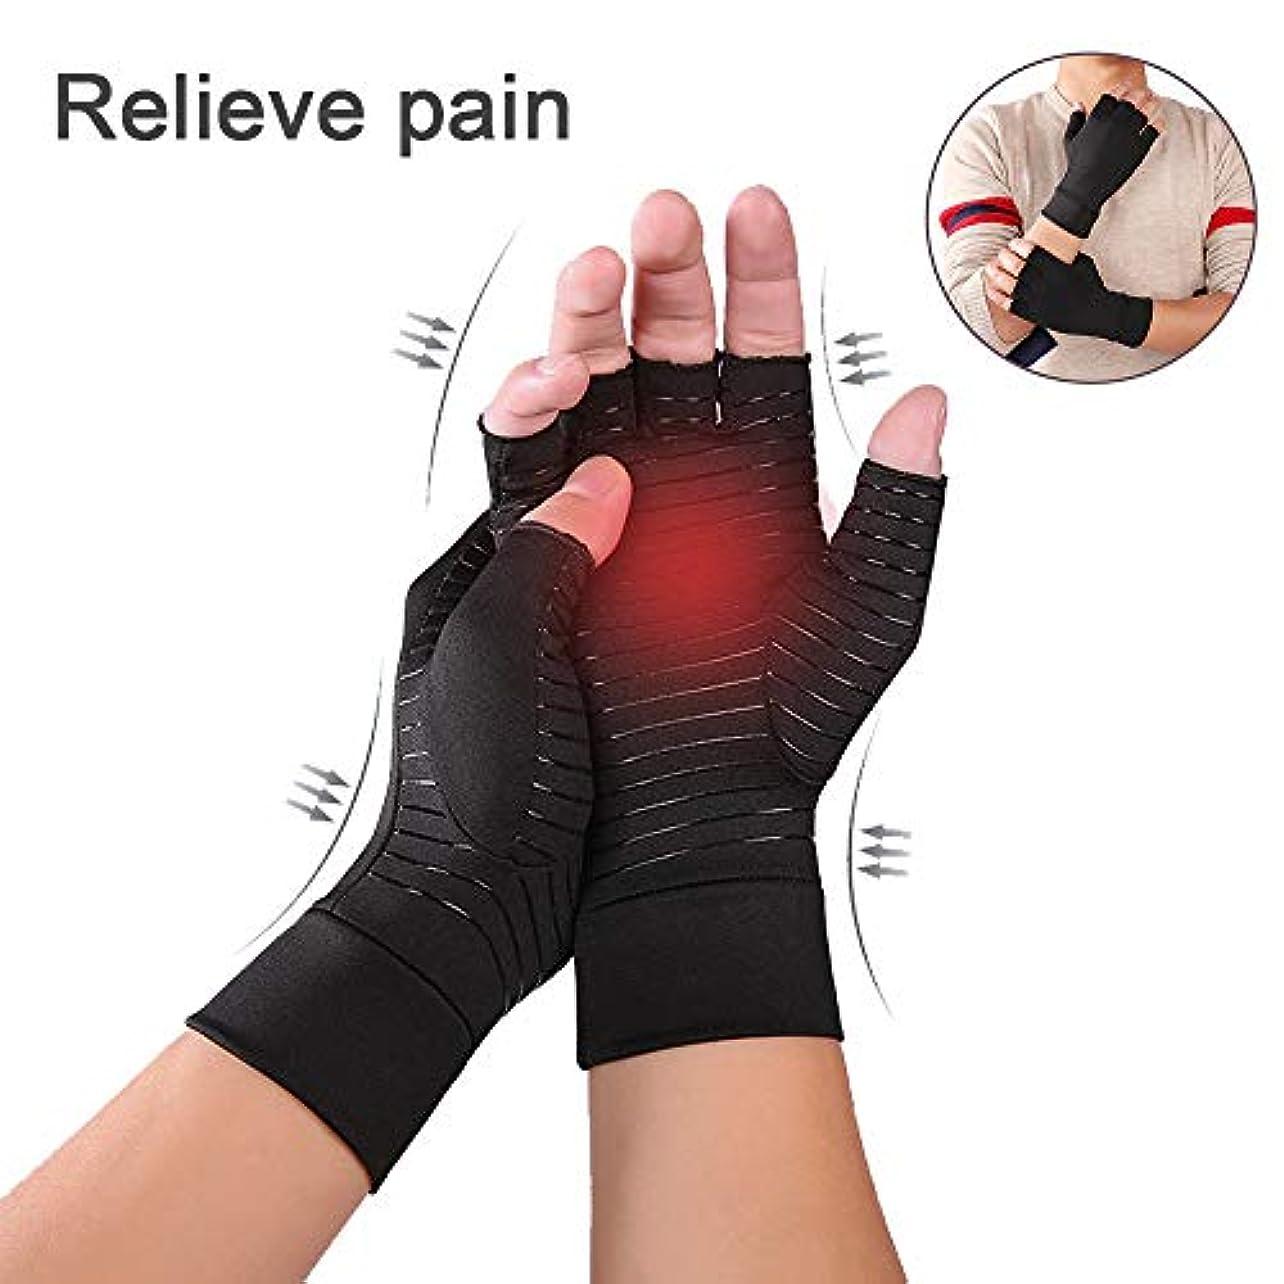 感覚シングルコロニー銅圧縮関節炎手袋、圧縮関節炎グローブリハビリテーションハーフフィンガーグローブ圧縮関節炎痛み緩和リウマチ性変形性関節症および手根管